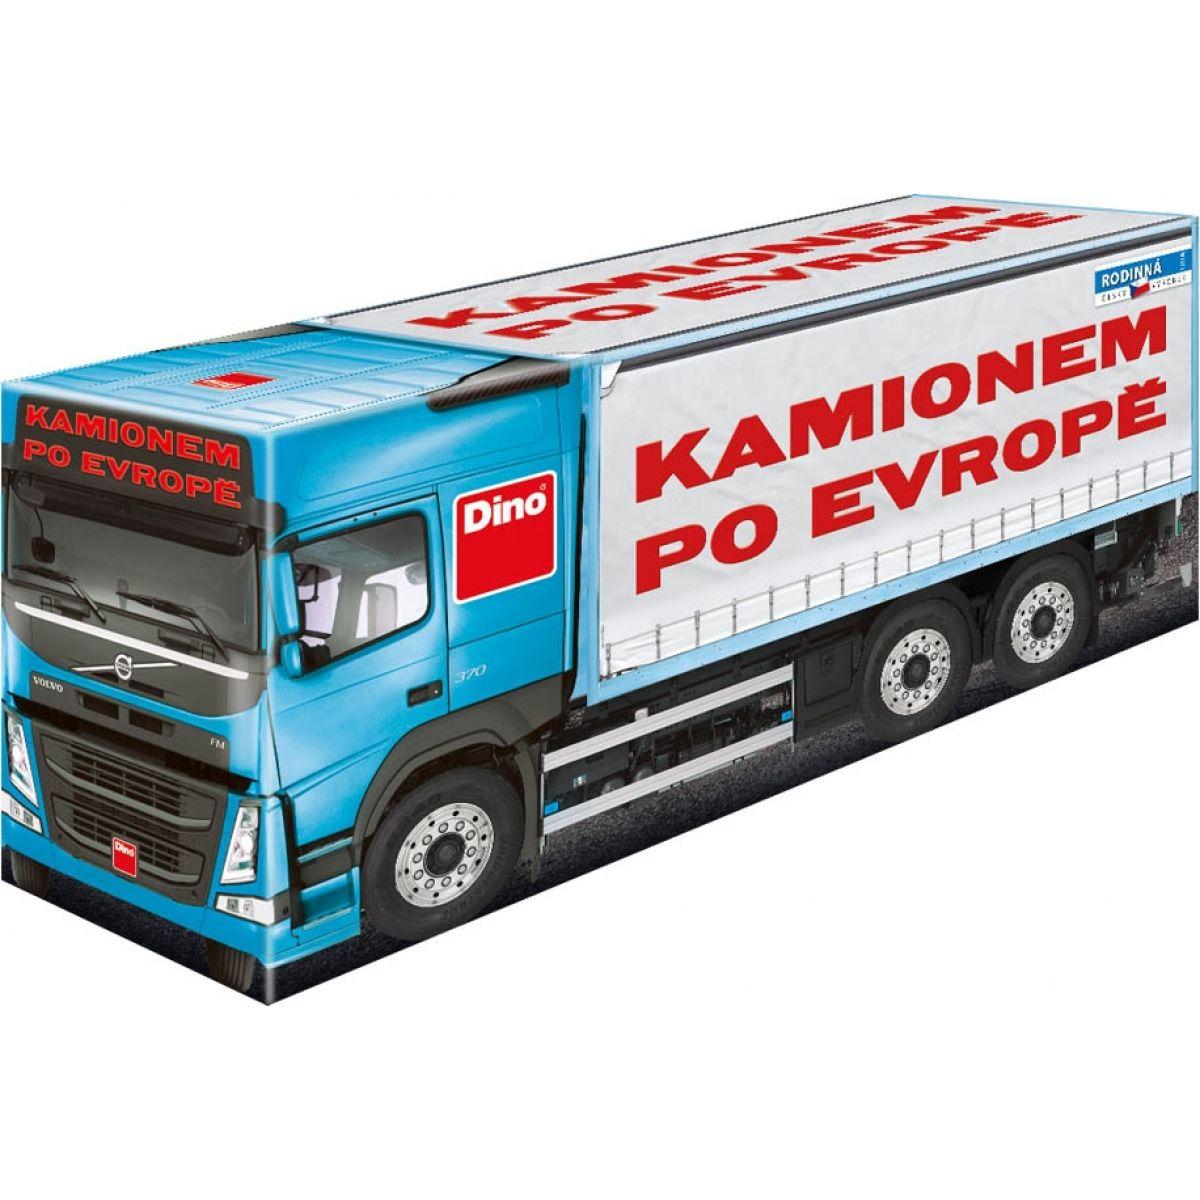 Dino Kamionem po Evropě - Poškozený obal